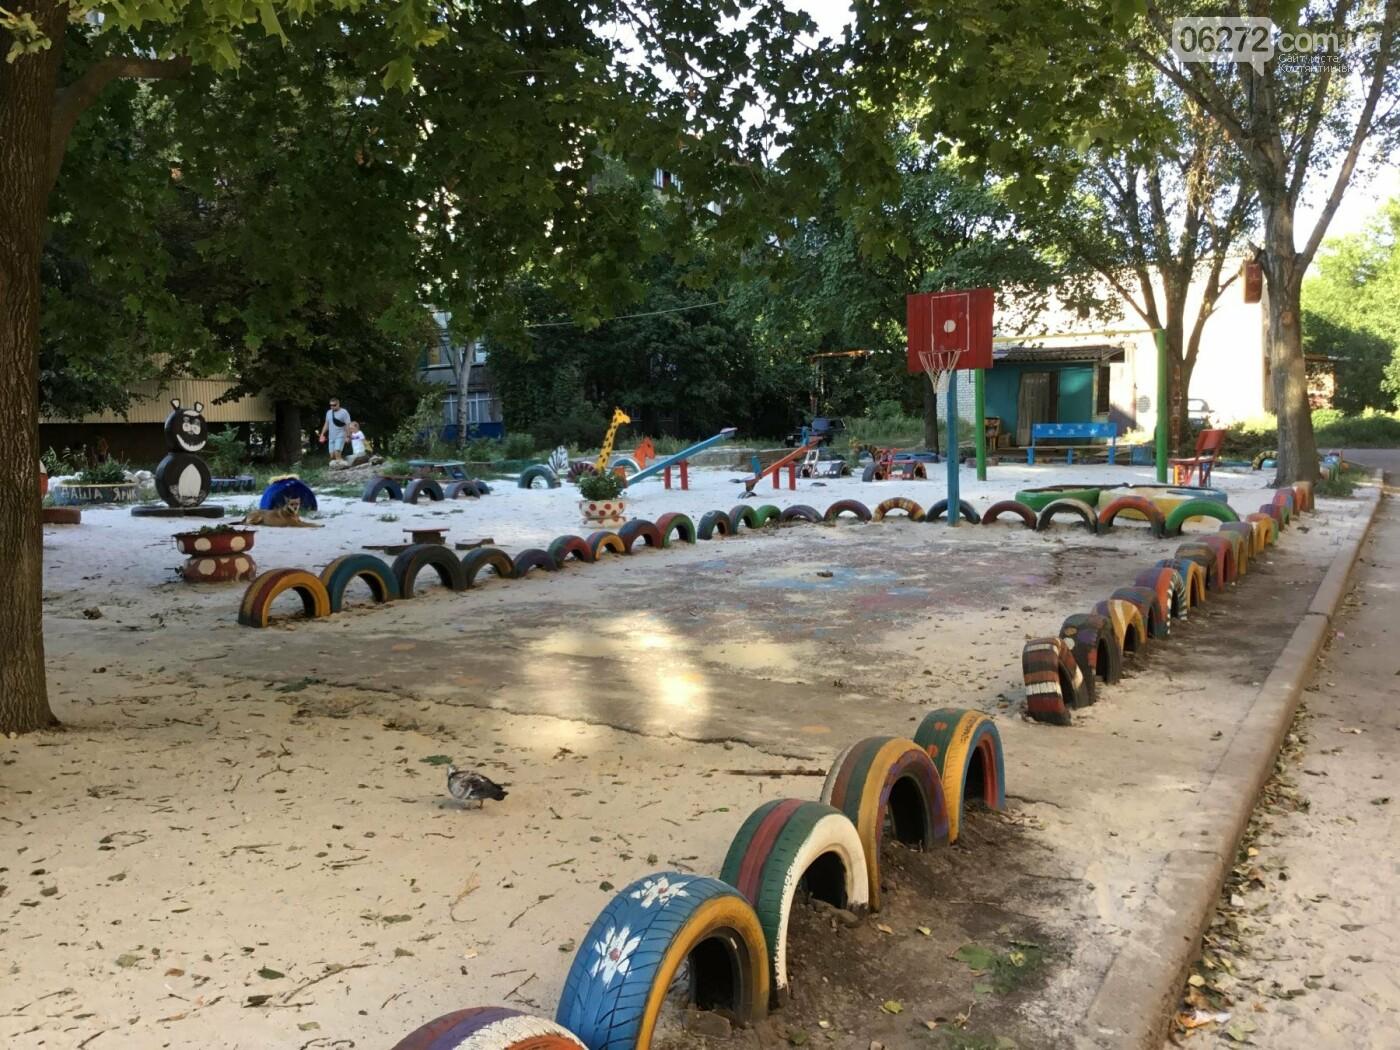 В Константиновке по ул. Безнощенко молодежь сделала спортивную площадку для детей, фото-8